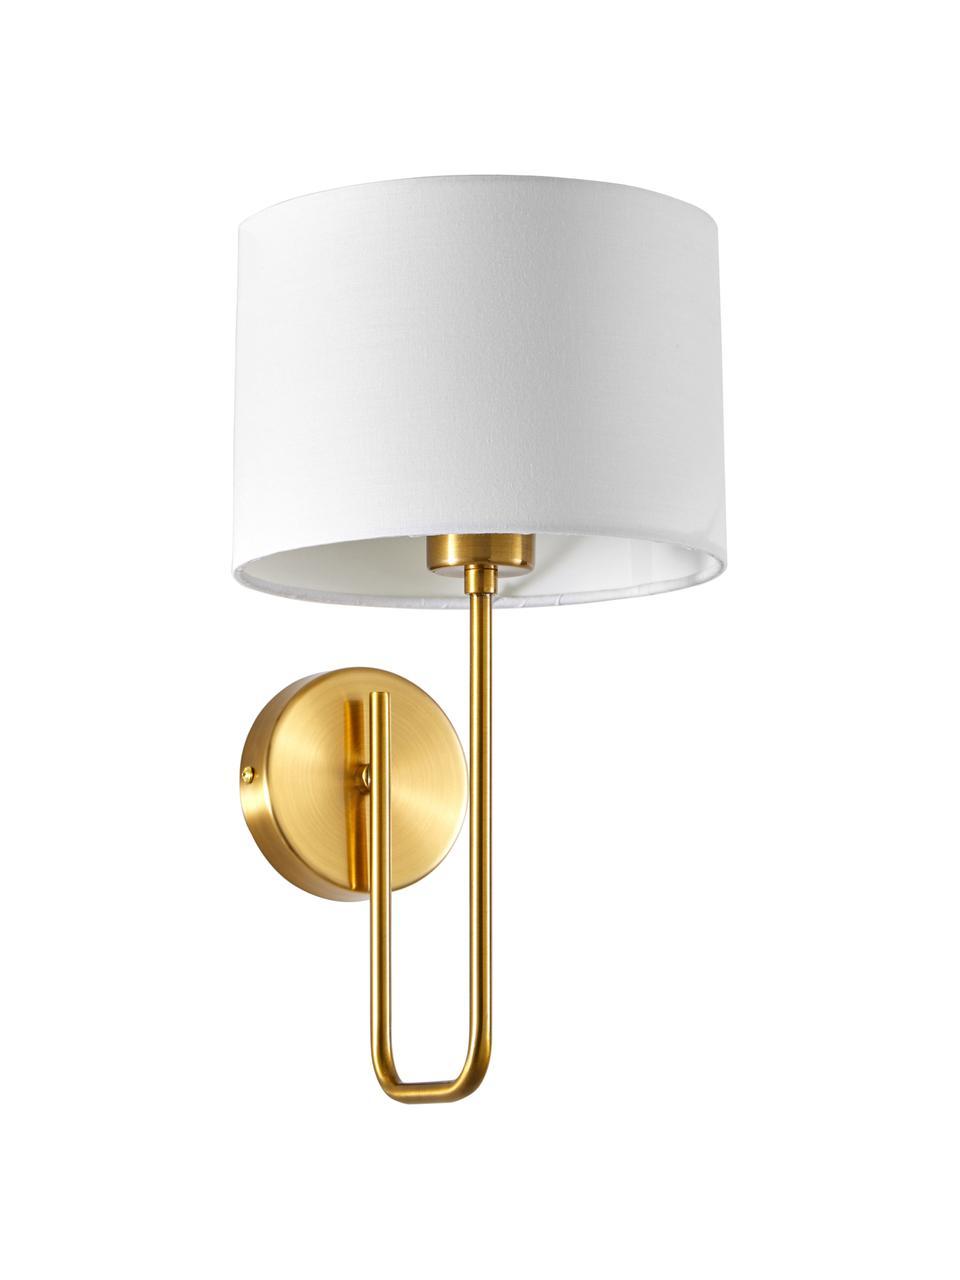 Wandlamp Montreal, Lampenkap: textiel, Frame: gegalvaniseerd metaal, Wit, goudkleurig, Ø 20 x H 36 cm